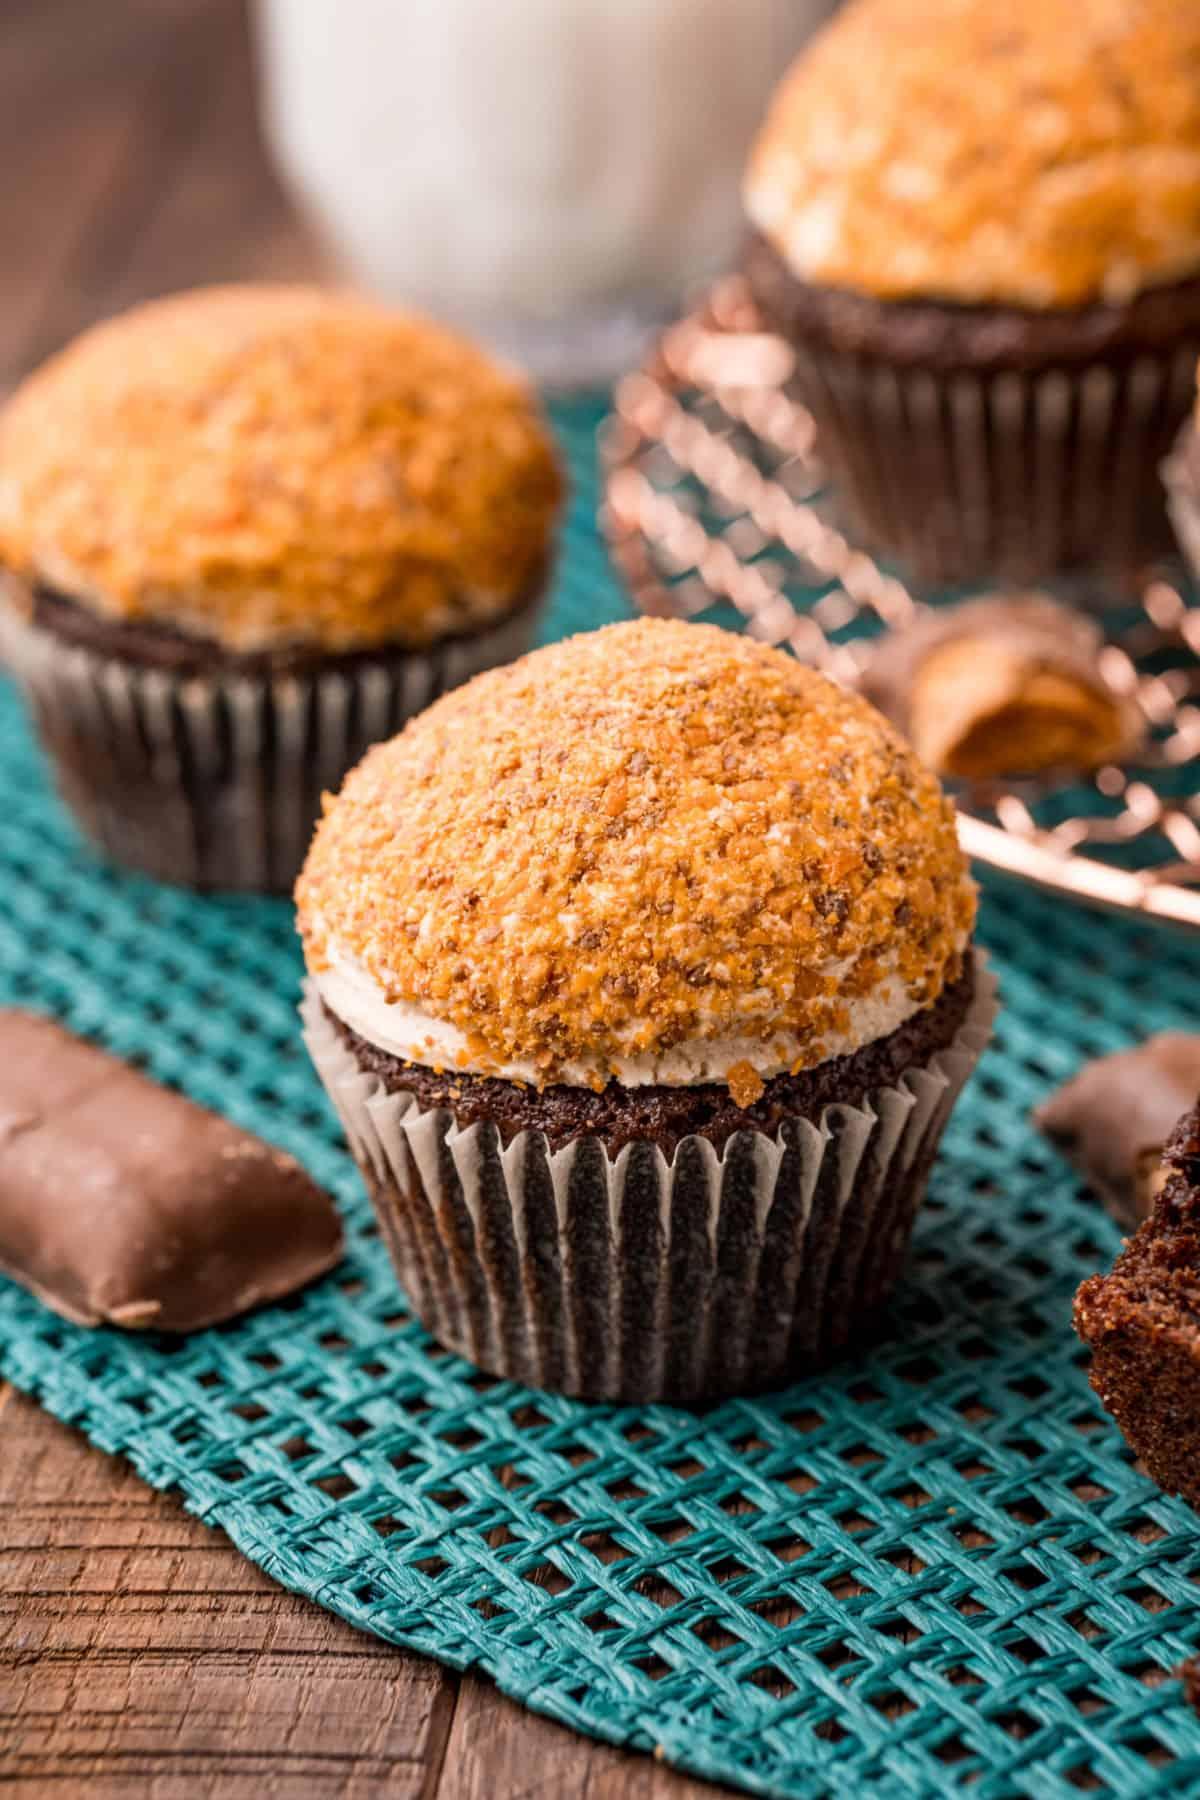 Disney copycat peanut butter butterfinger crunch cupcake.